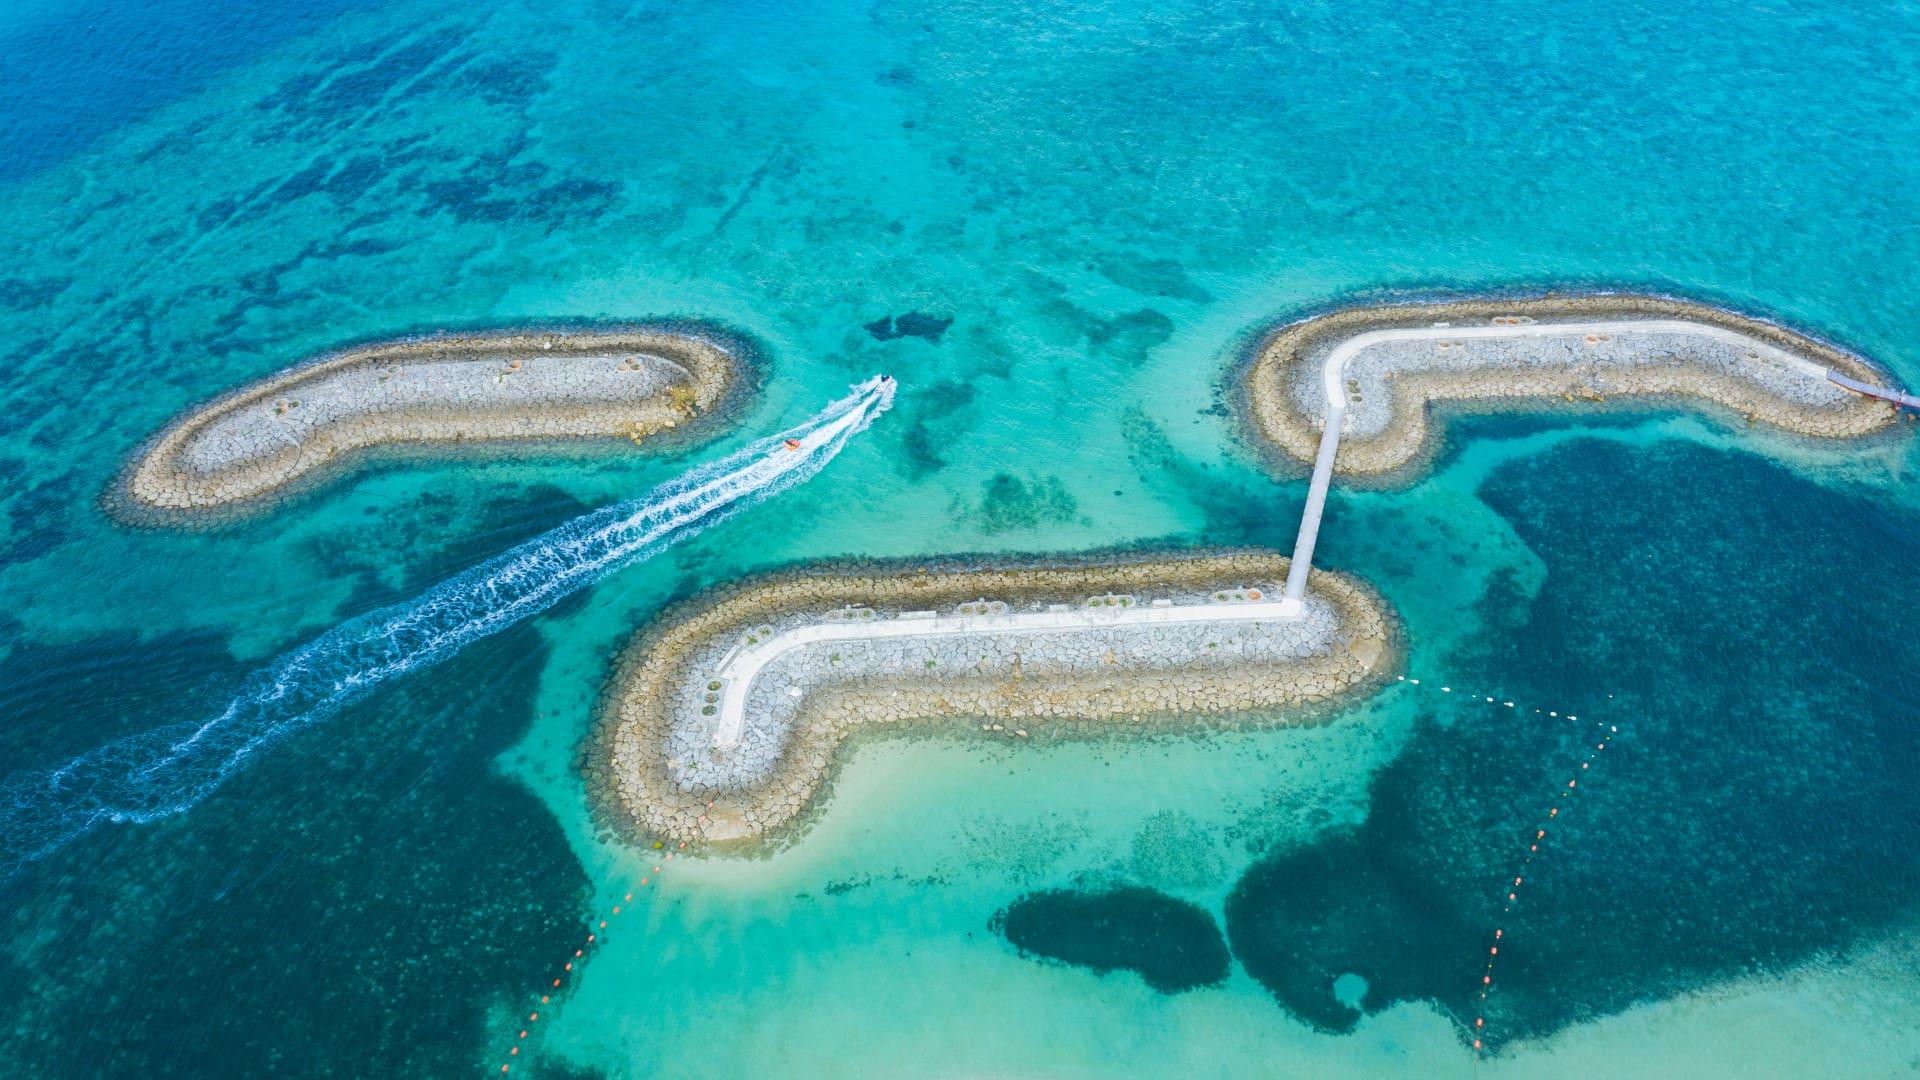 「サンマリーナビーチの桟橋」沖縄 (© kokouu/Getty Images)